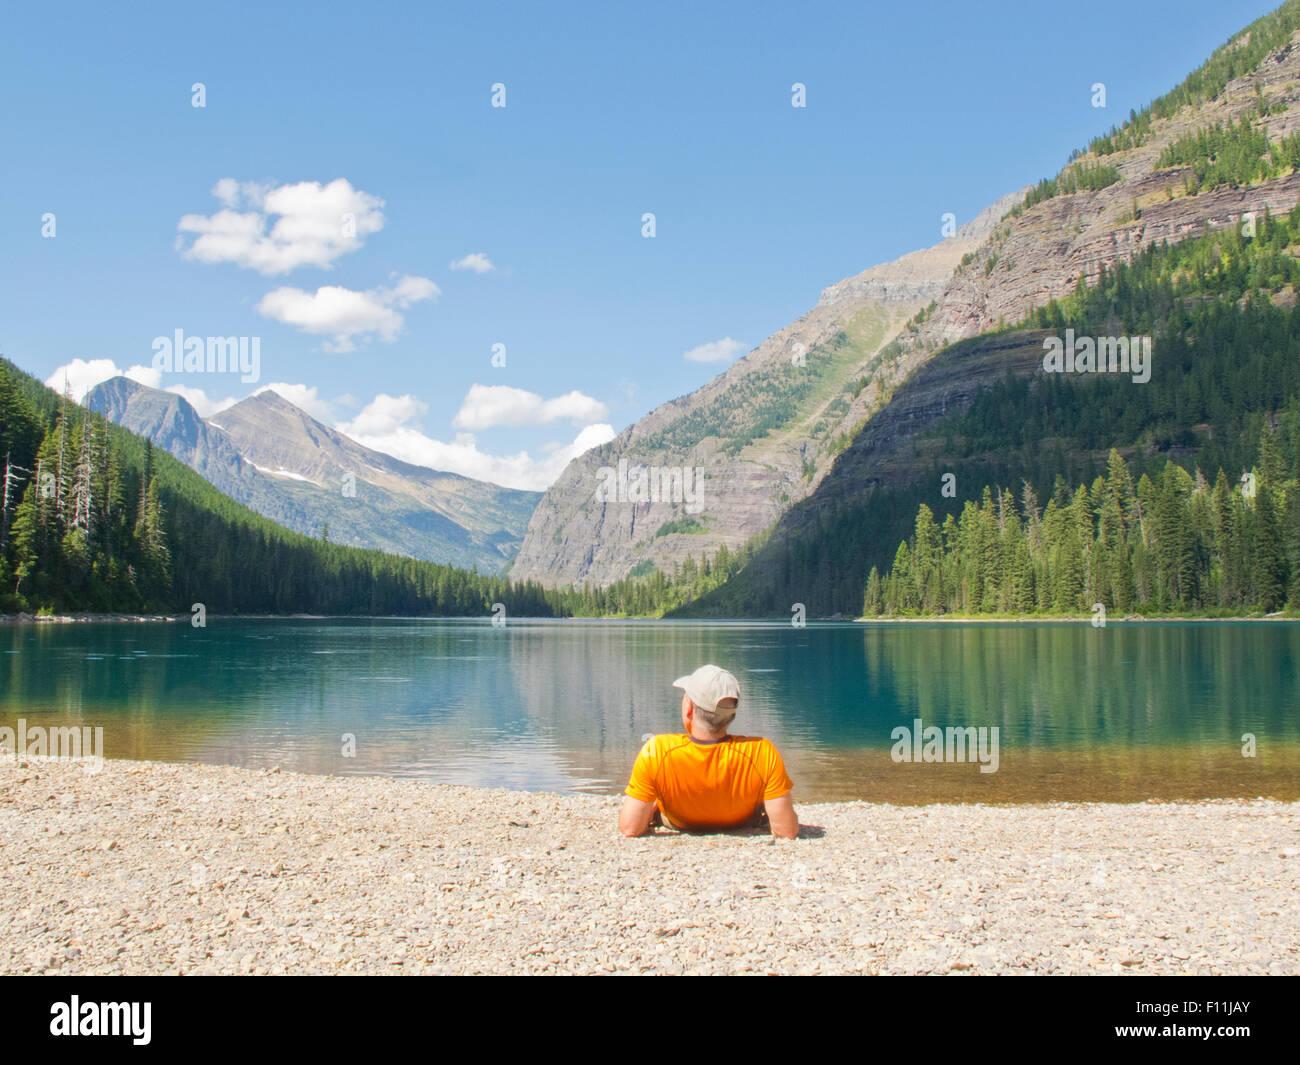 Caminante sentar cerca de lago de montaña, el parque nacional de Glacier, Montana, Estados Unidos Imagen De Stock